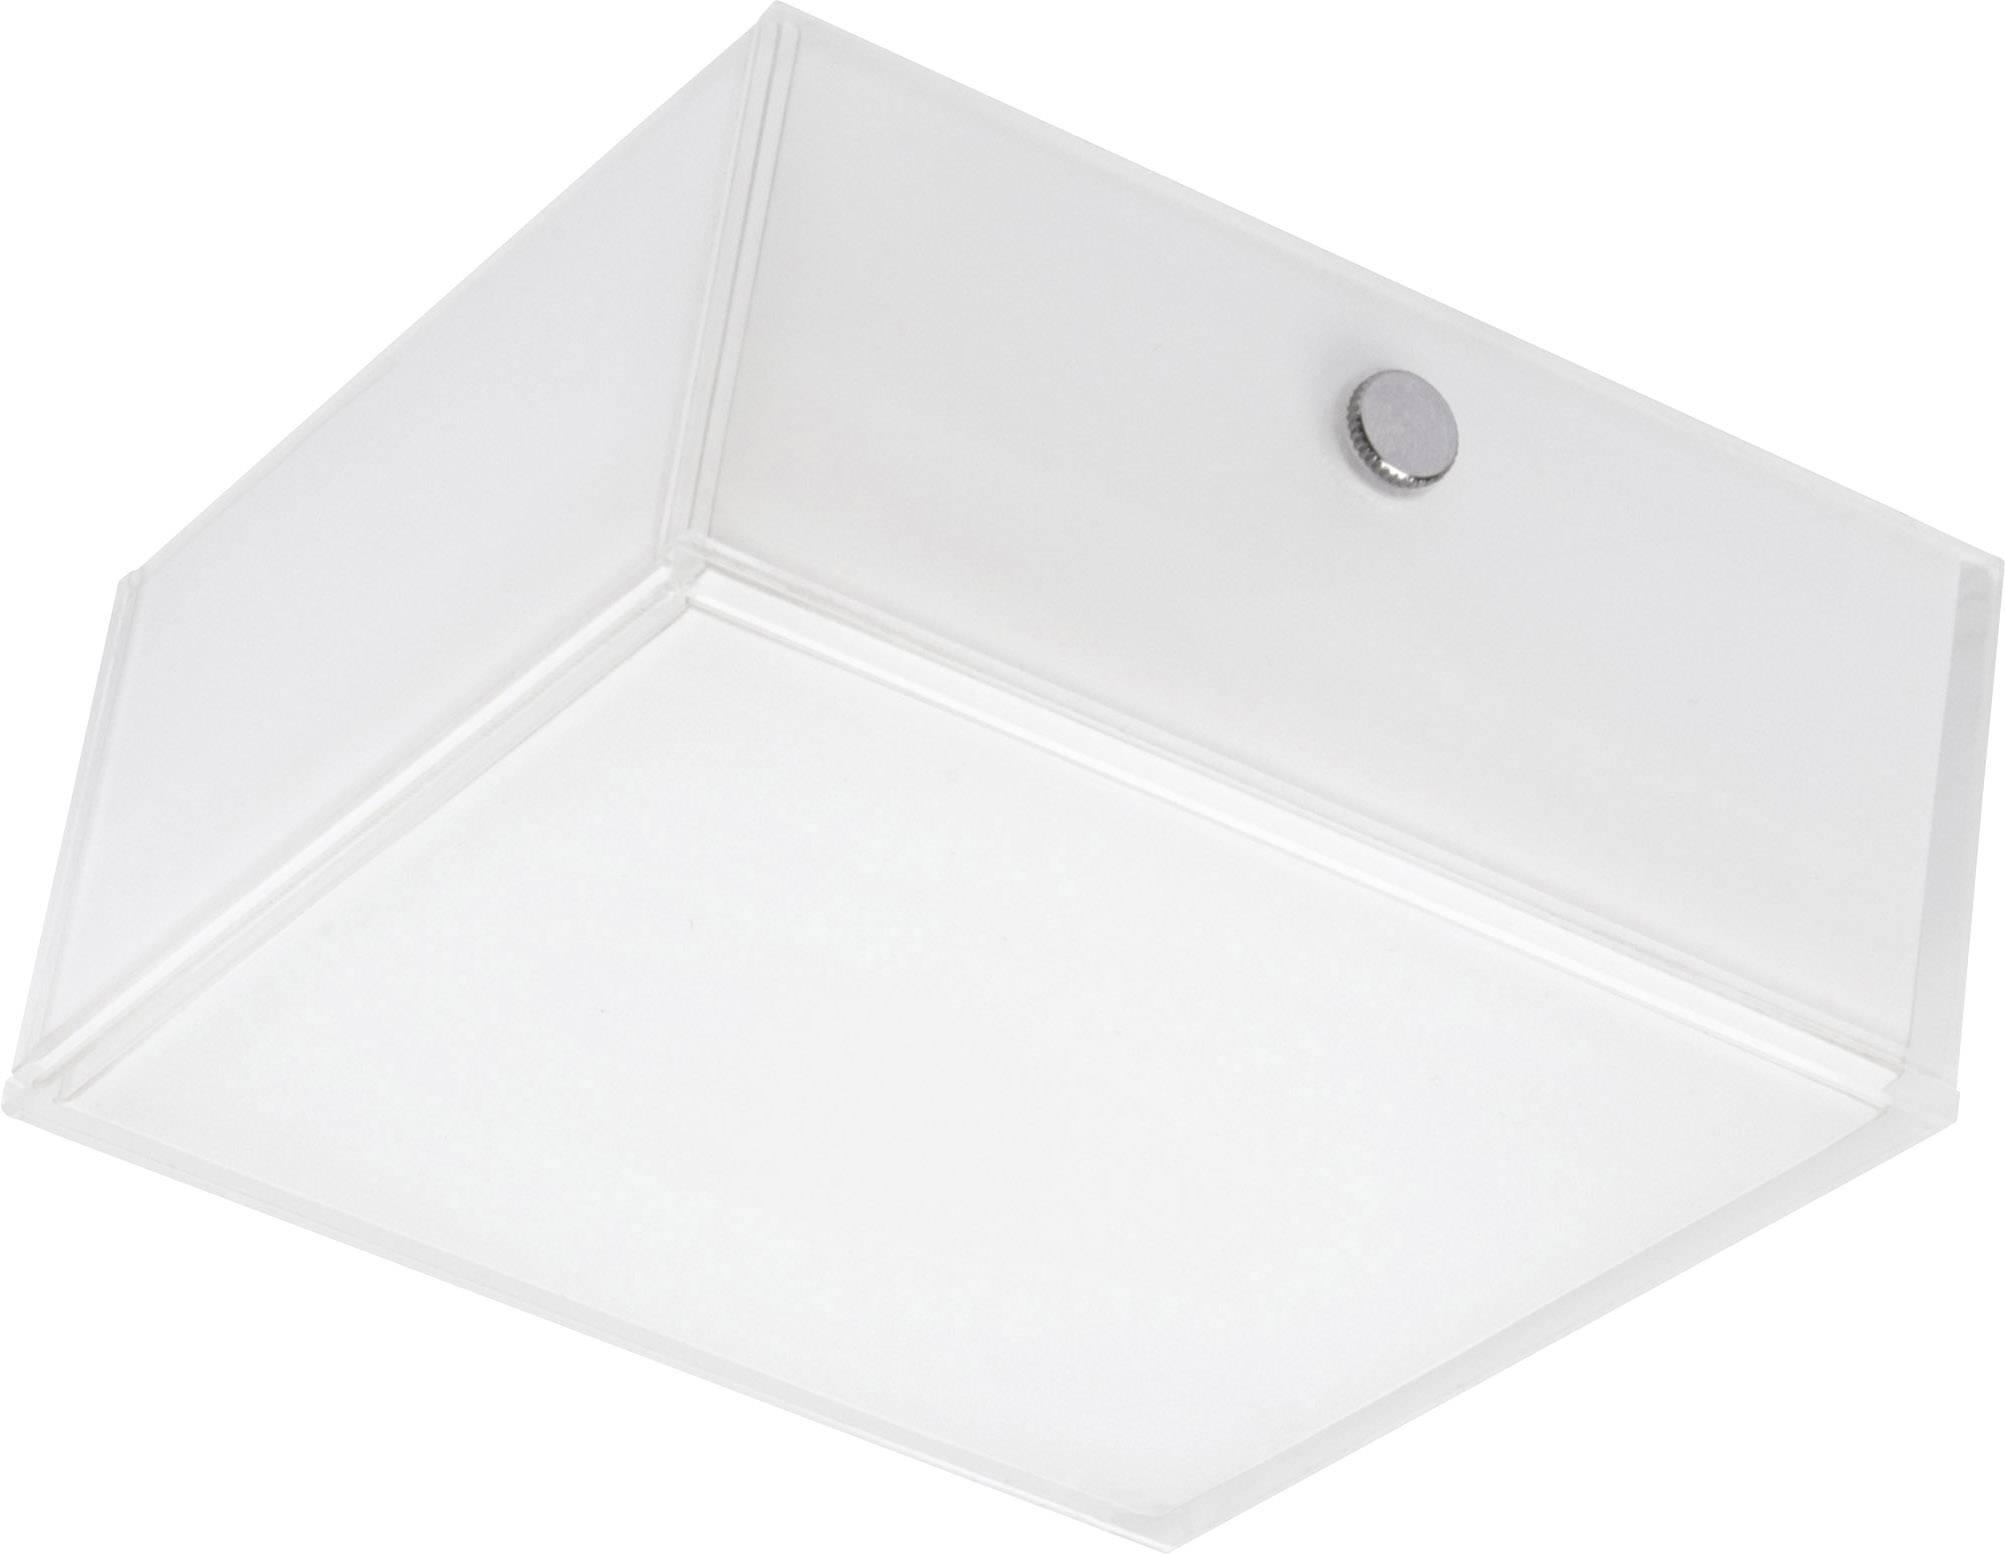 OSRAM Lunive™ Quadro 4052899373495 LED Deckenleuchte 8 W Neutral Weiß Weiß